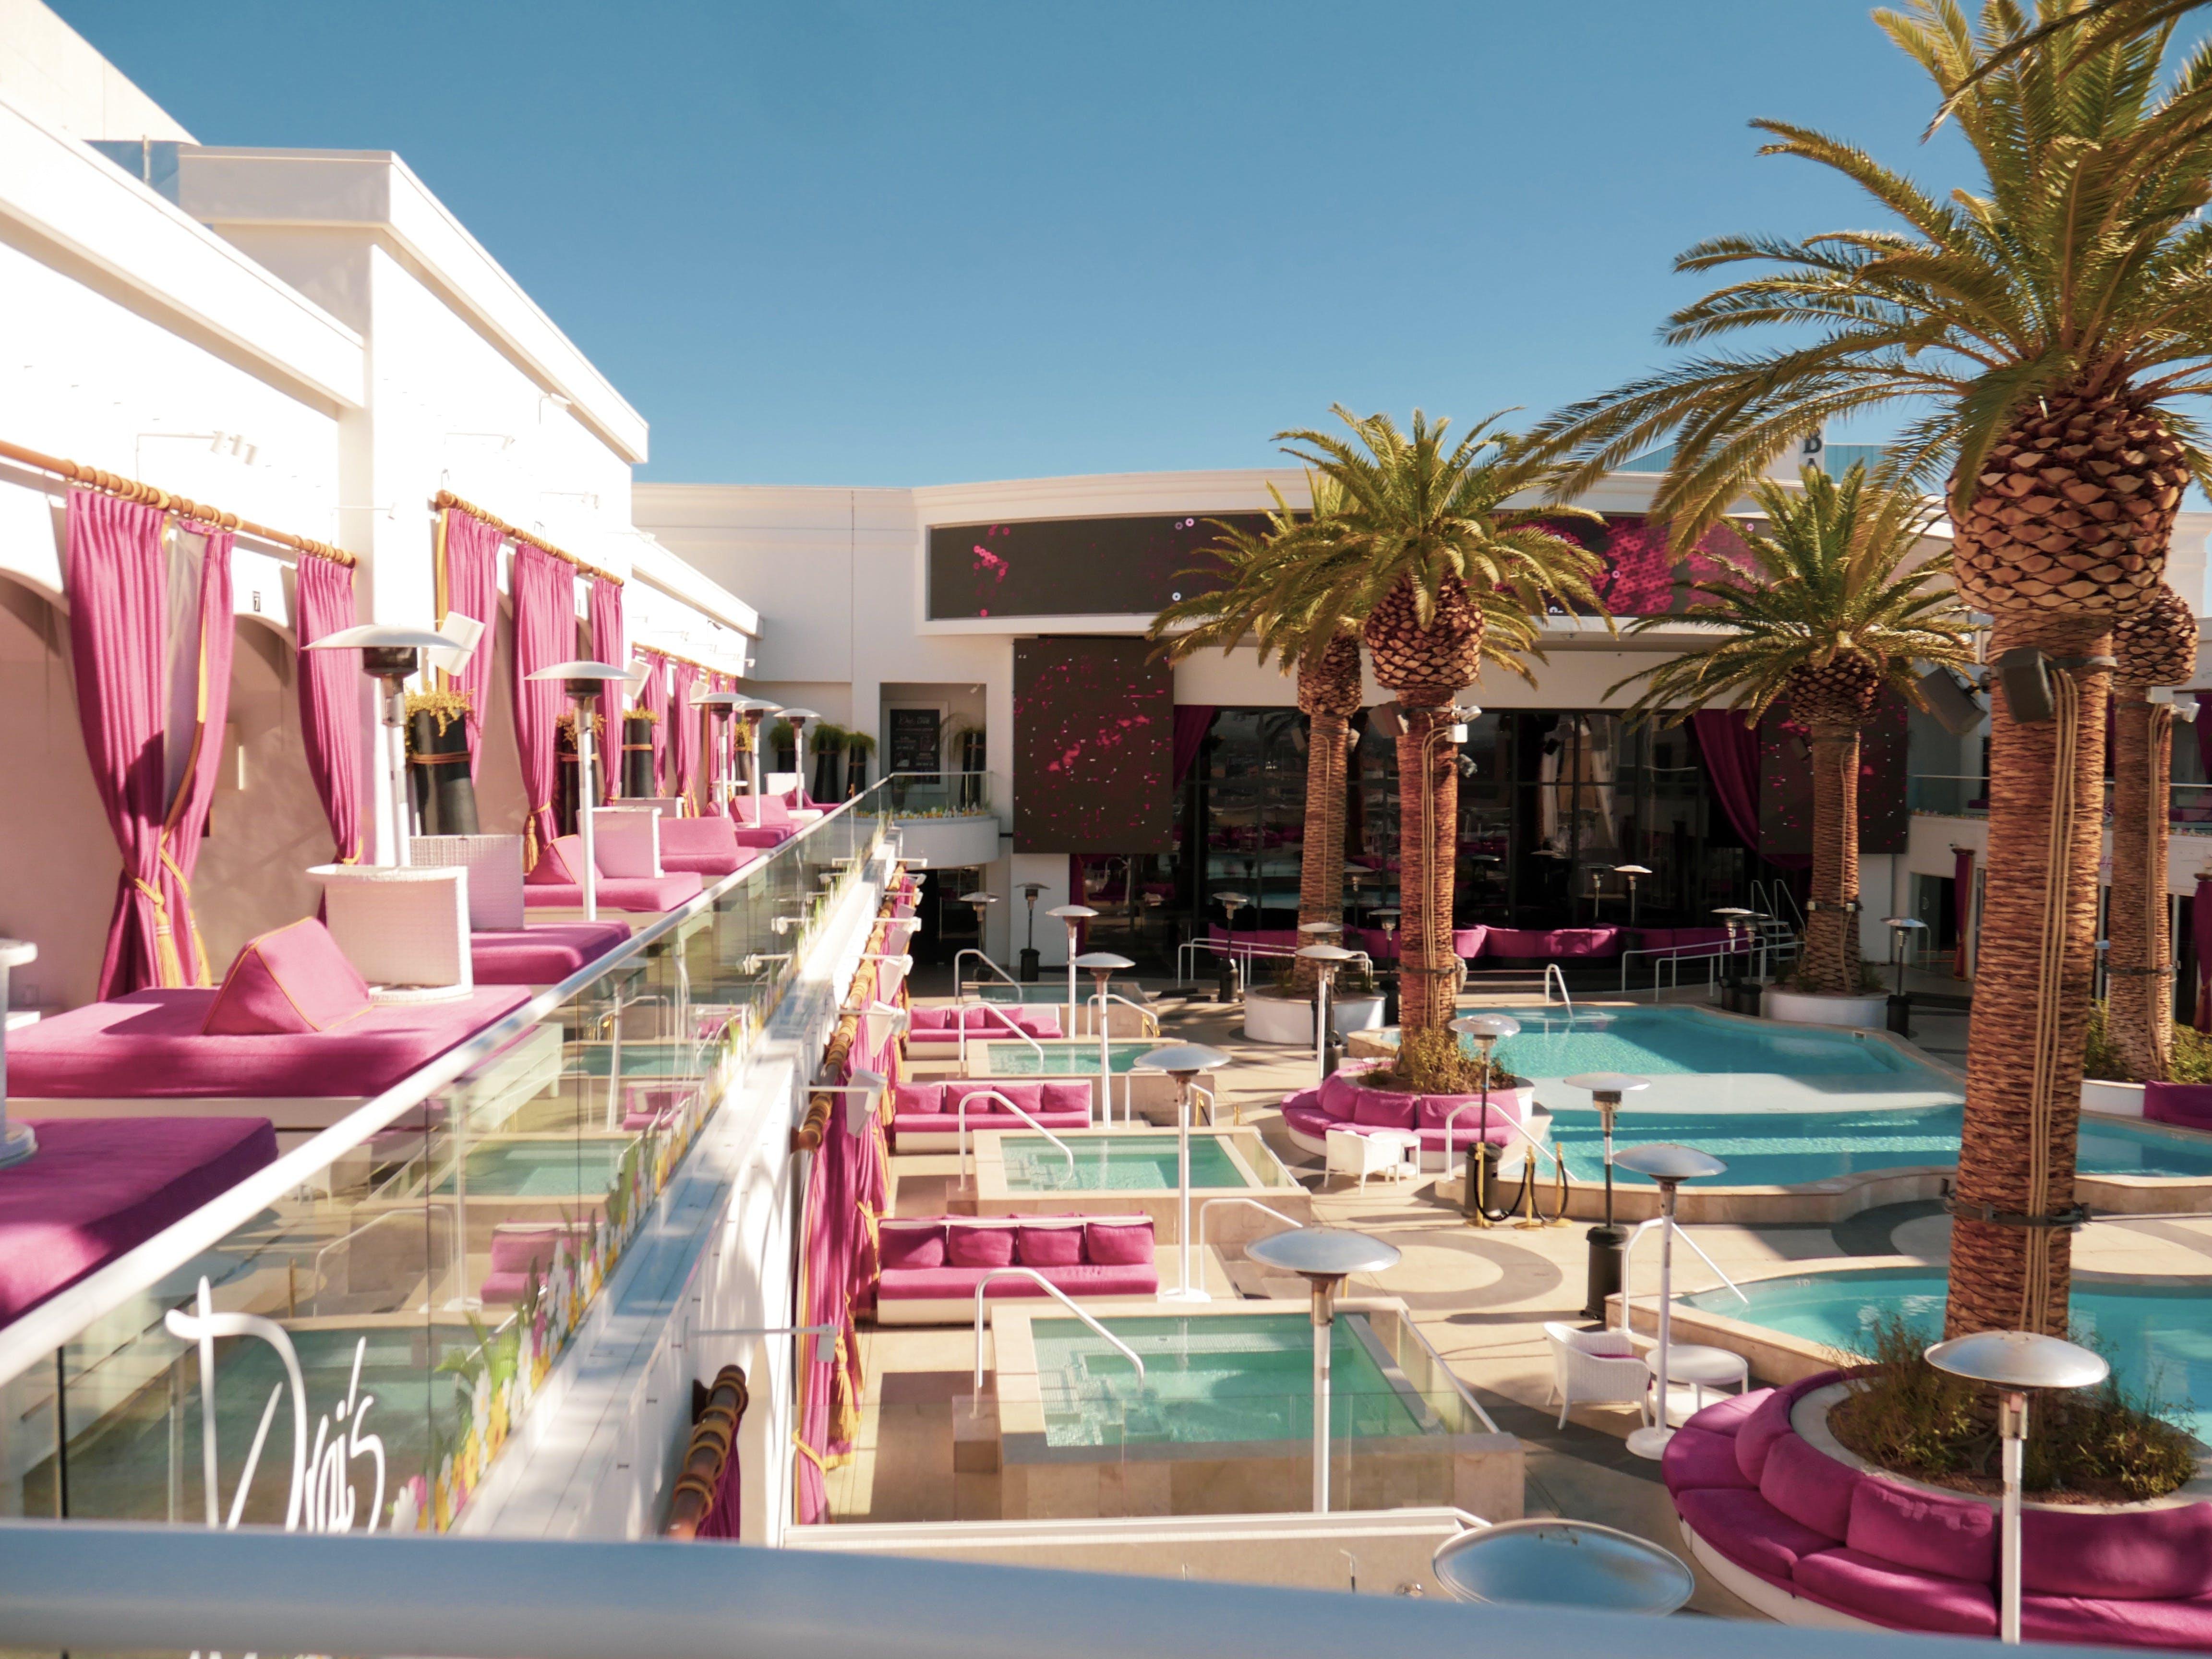 Gratis stockfoto met architectuur, bij het zwembad, bomen, daglicht